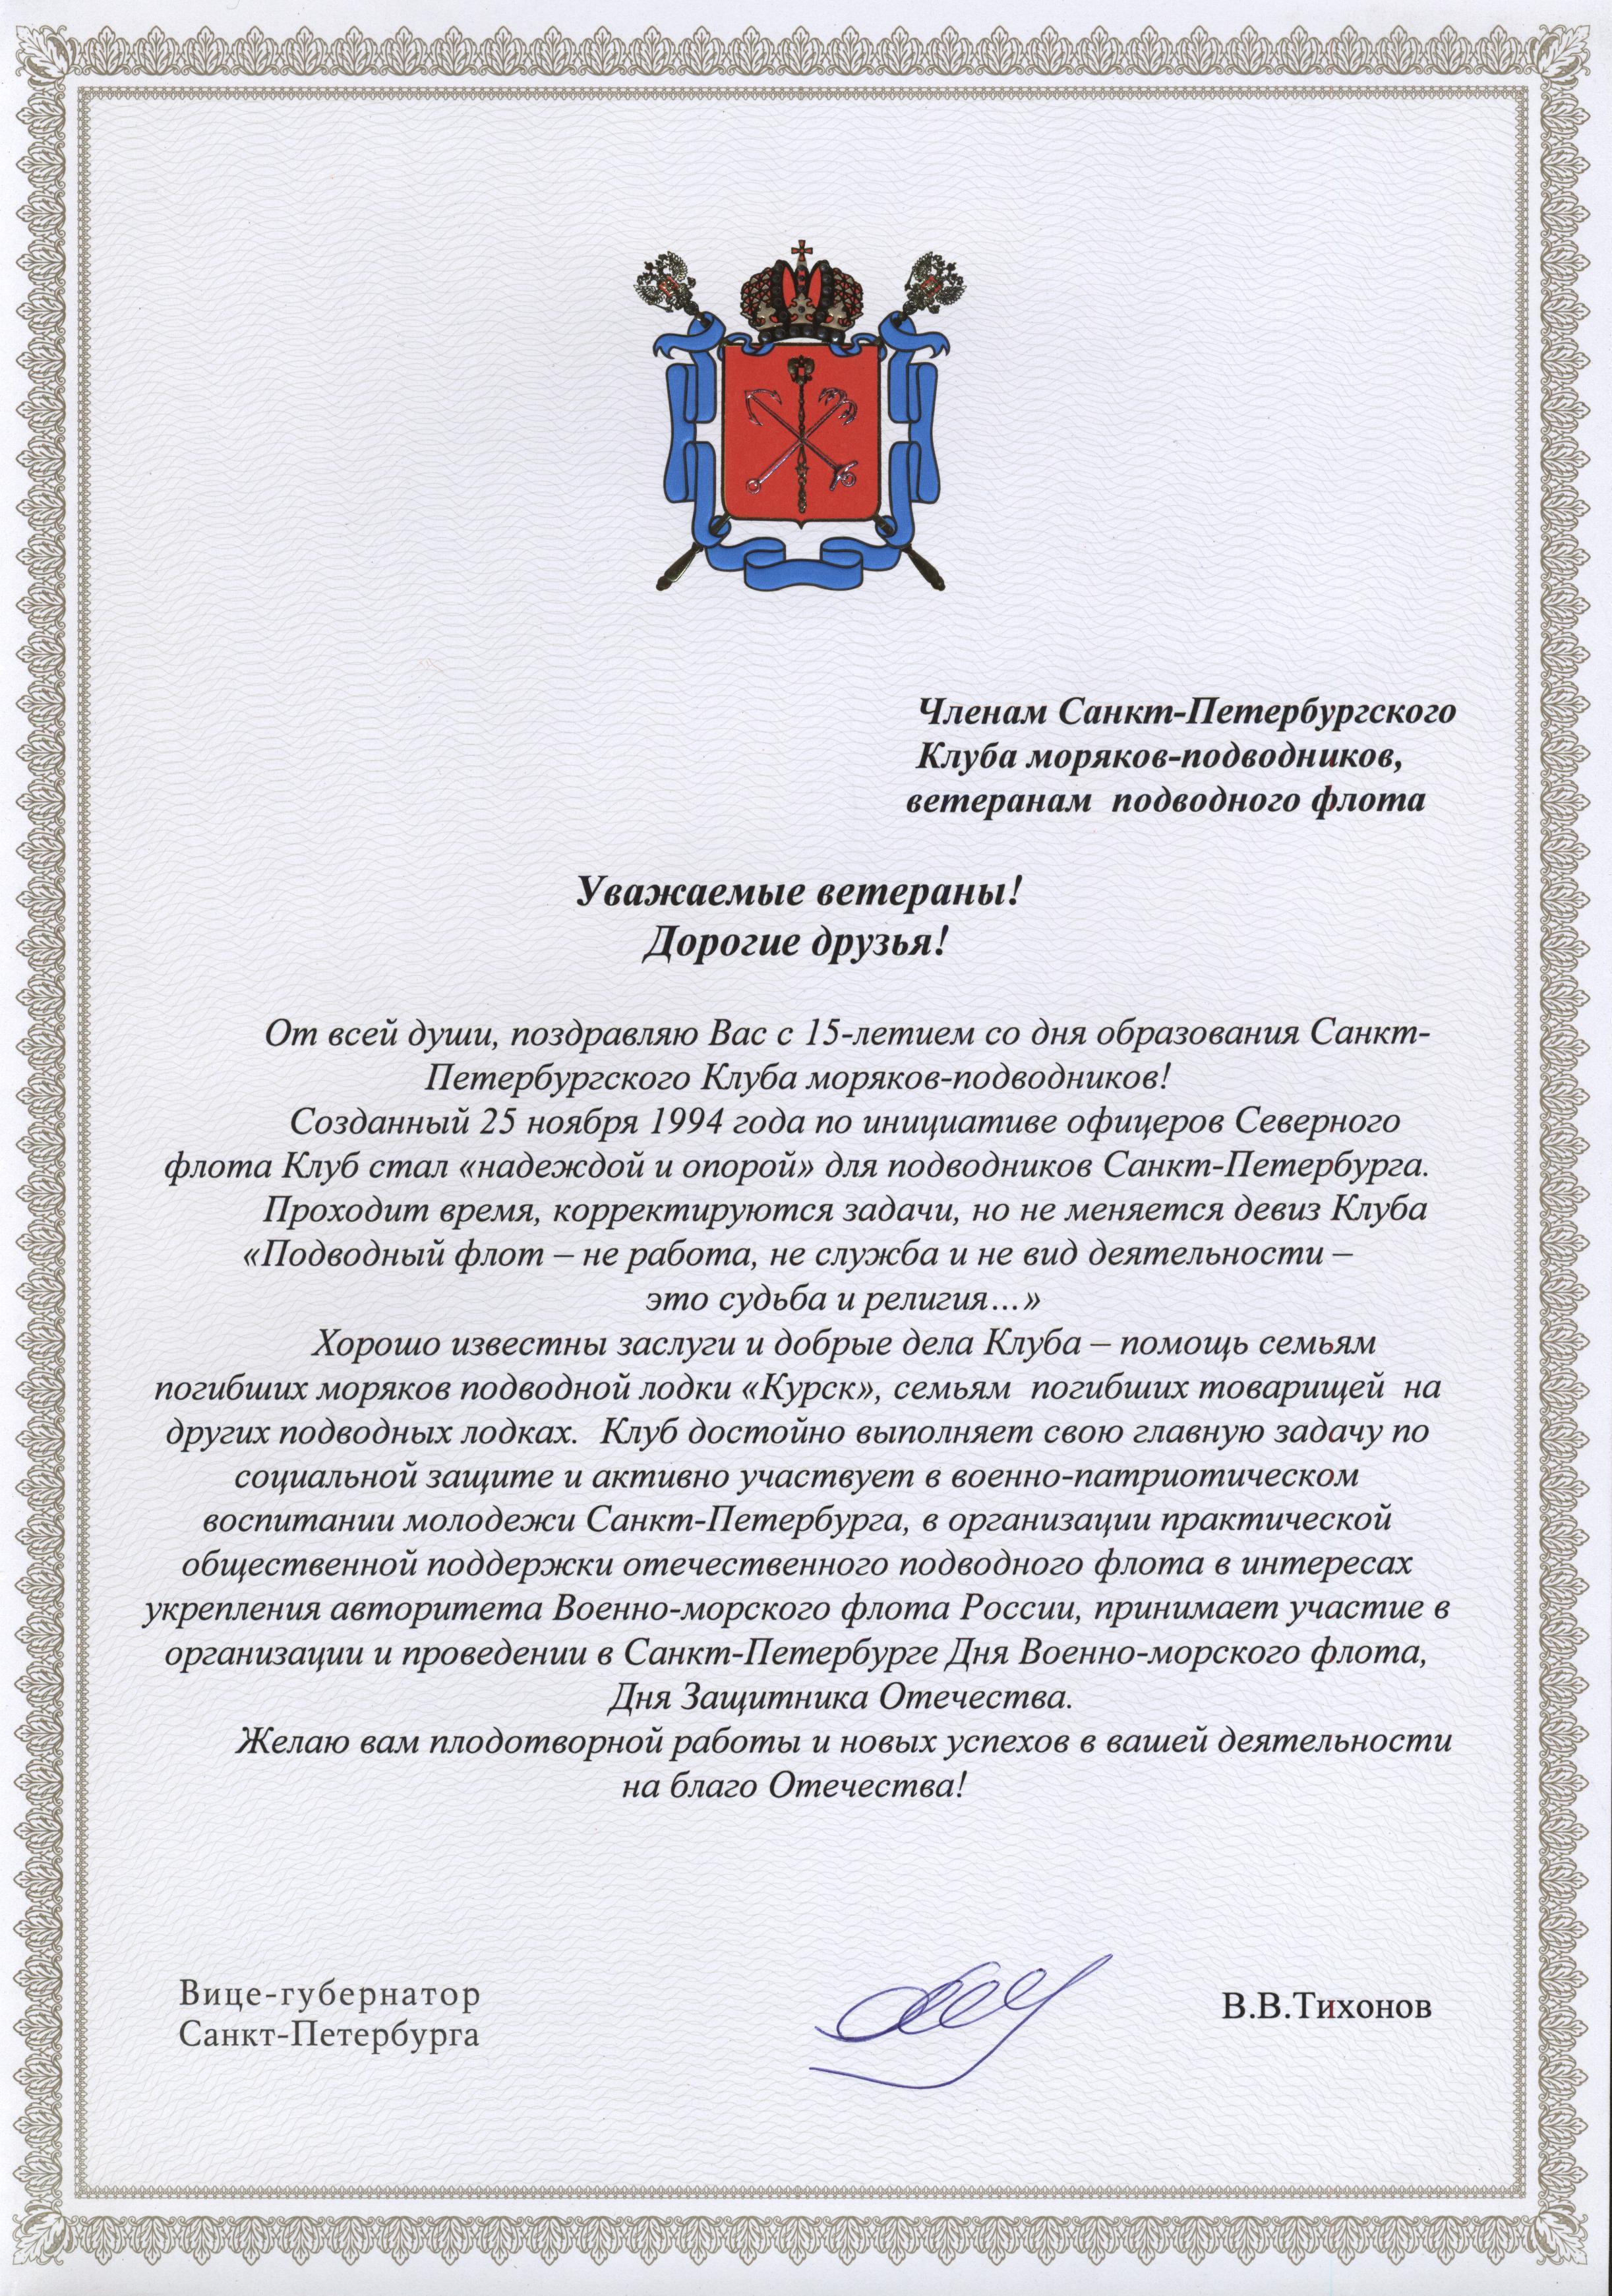 Поздравление вице губернатора